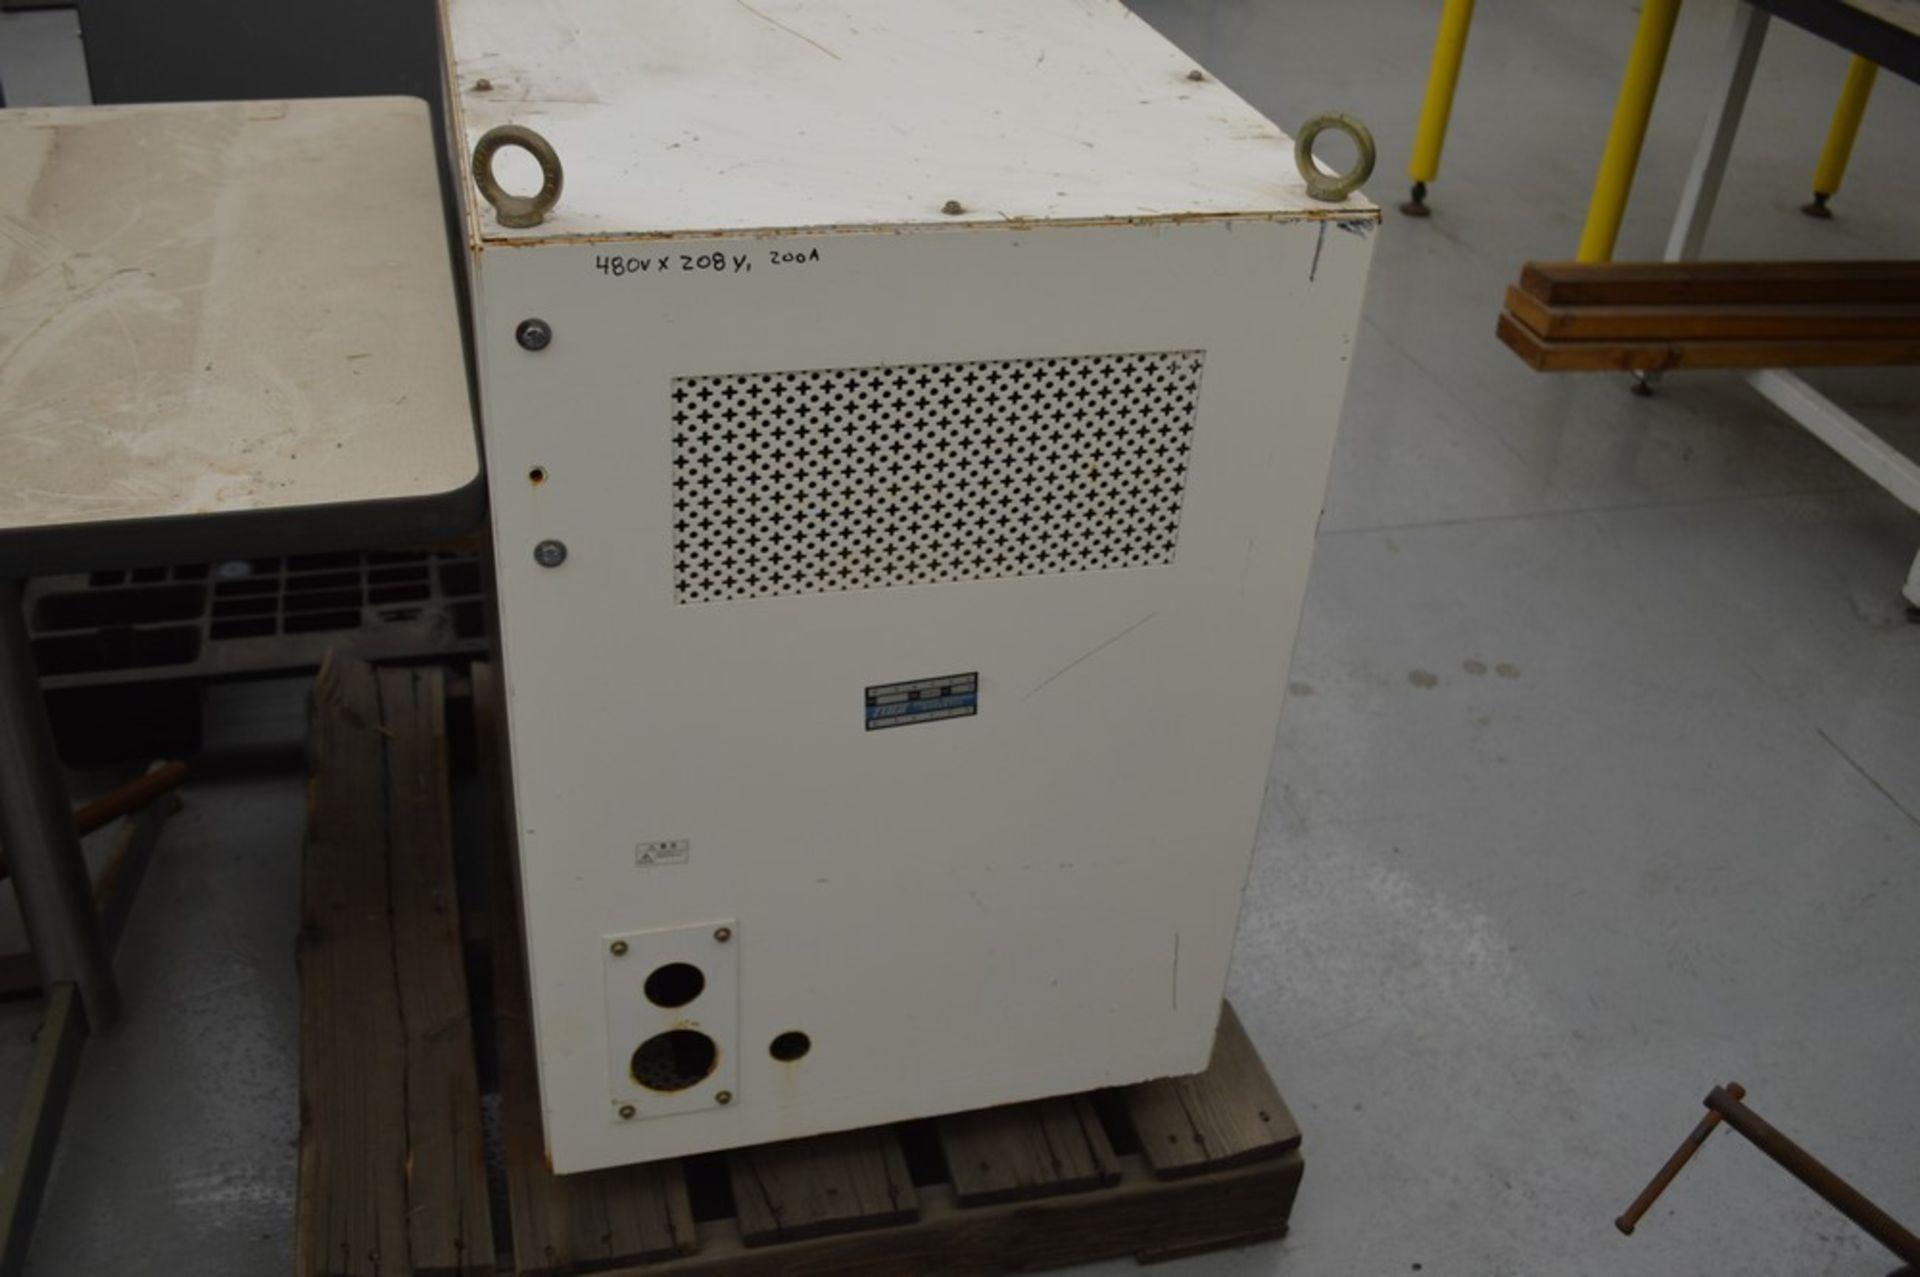 Tegi transformer 480 x 208 y, 200a - Image 3 of 6